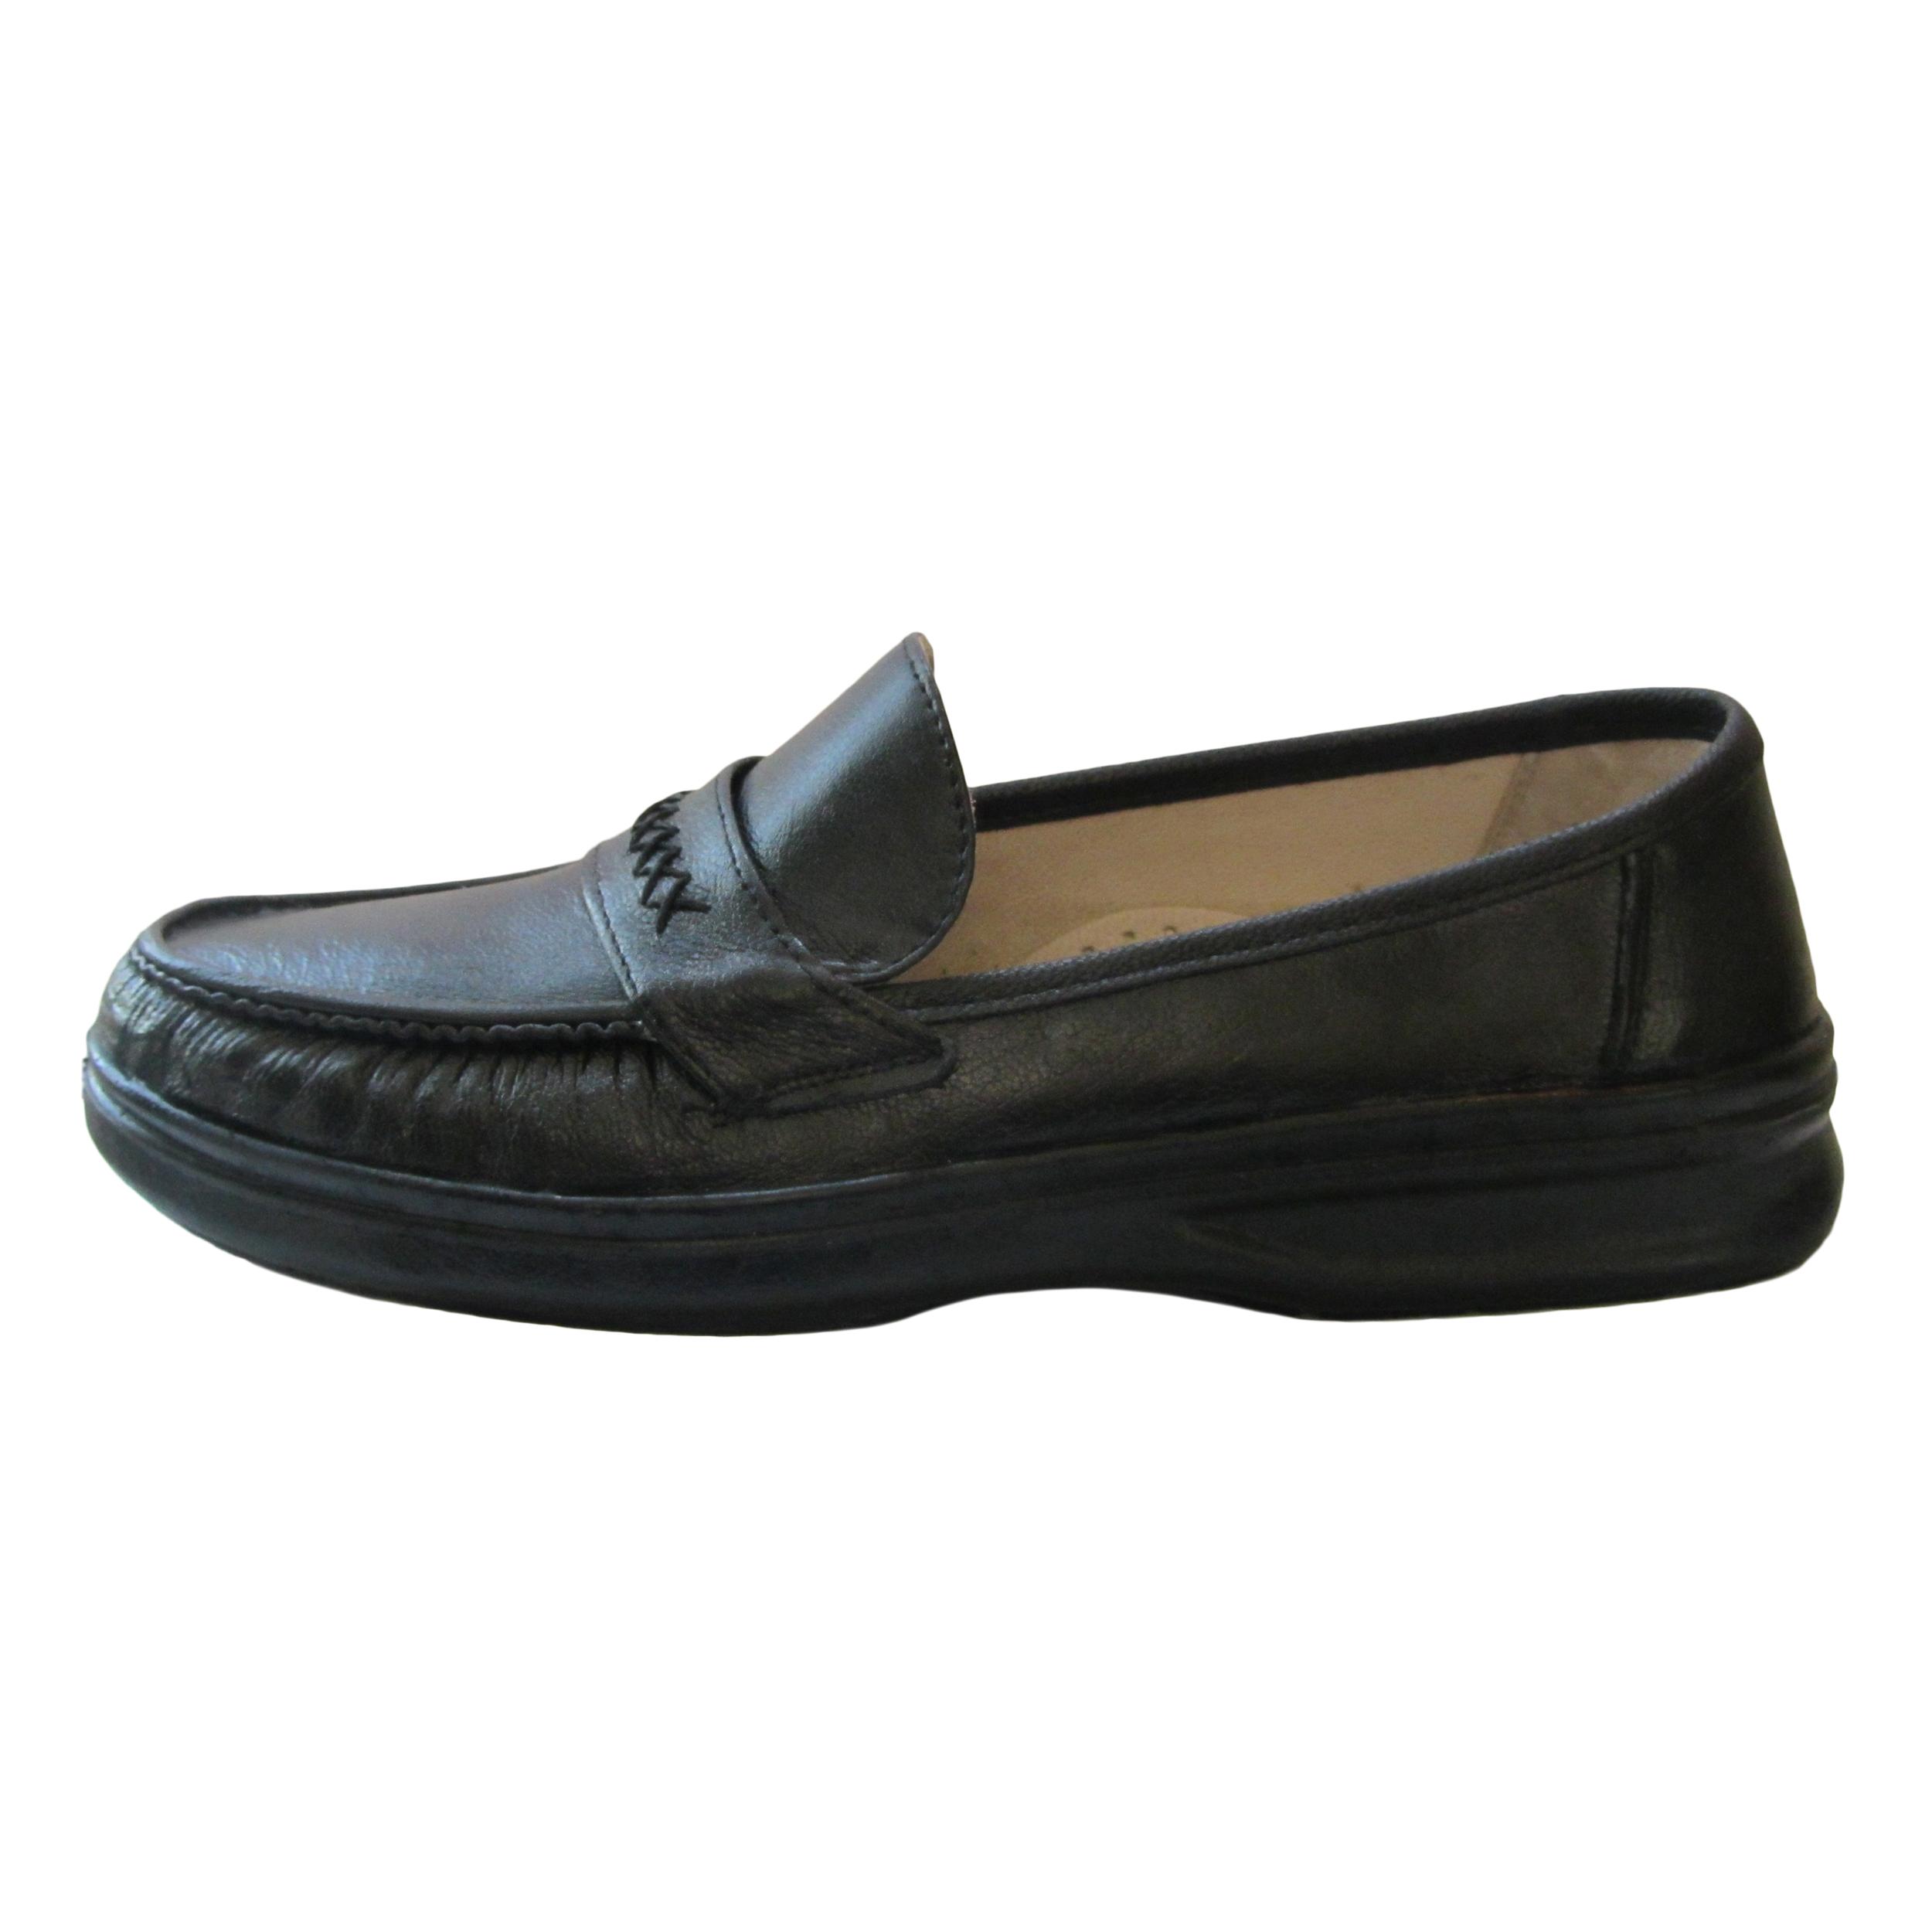 کفش روزمره مردانه نهرین مدل فانتوف کد 110